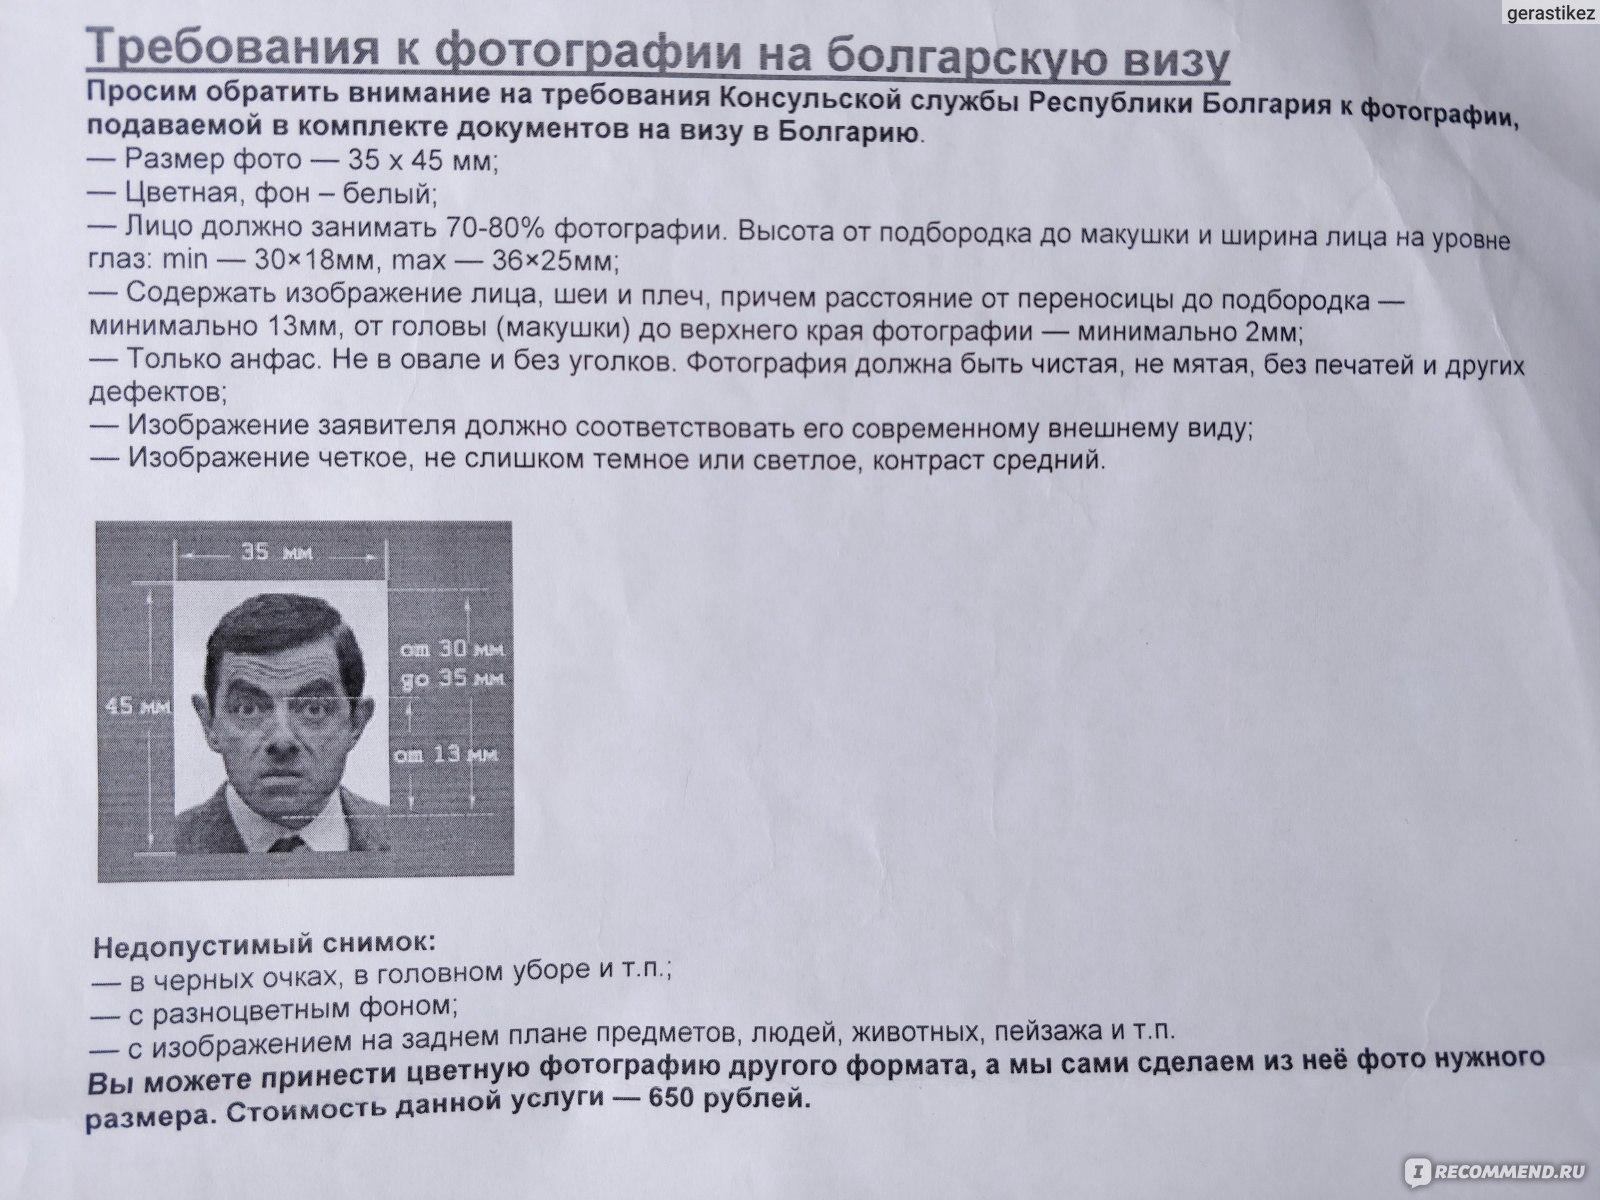 крупнейшей женской какое фото на болгарскую визу того